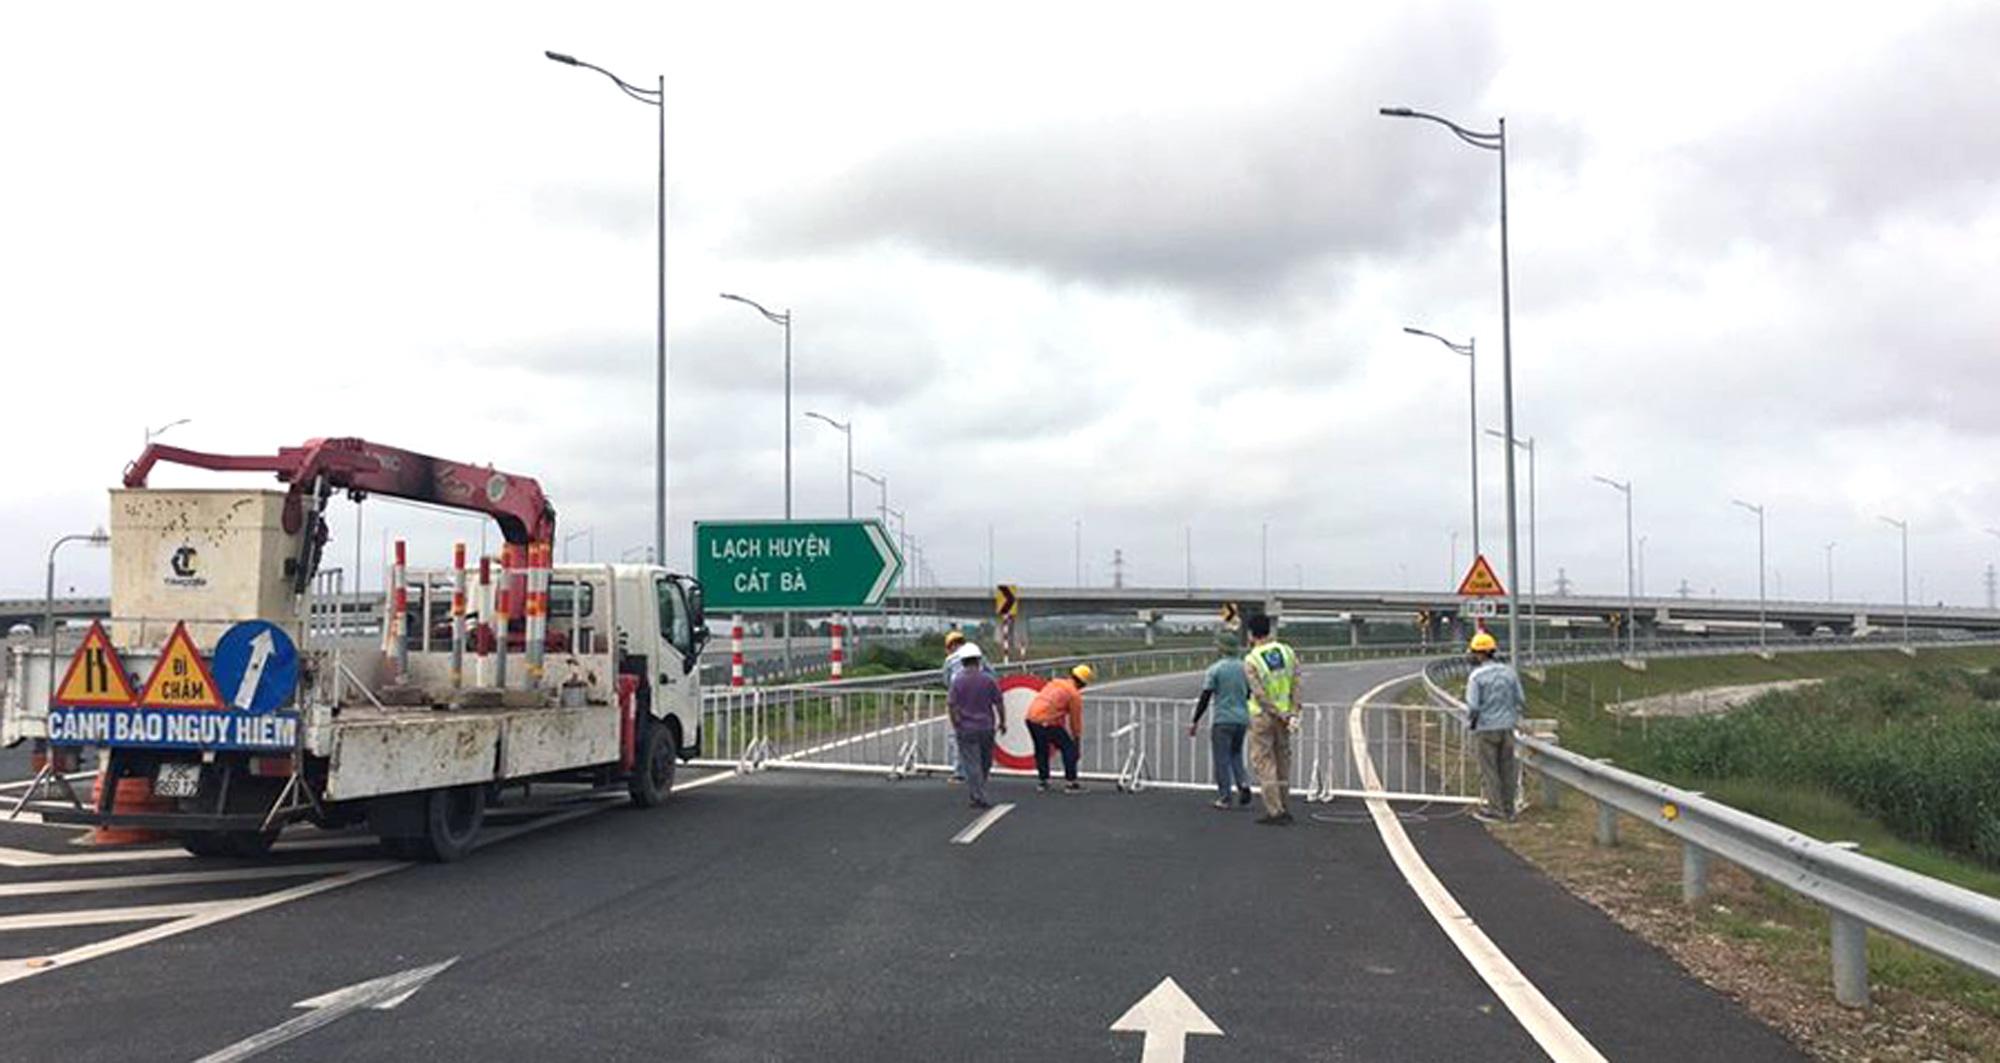 Đóng lối ra cao tốc Hà Nội - Hải Phòng về cầu Tân Vũ - Lạch Huyện phục vụ kiểm dịch Covid-19 - Ảnh 1.